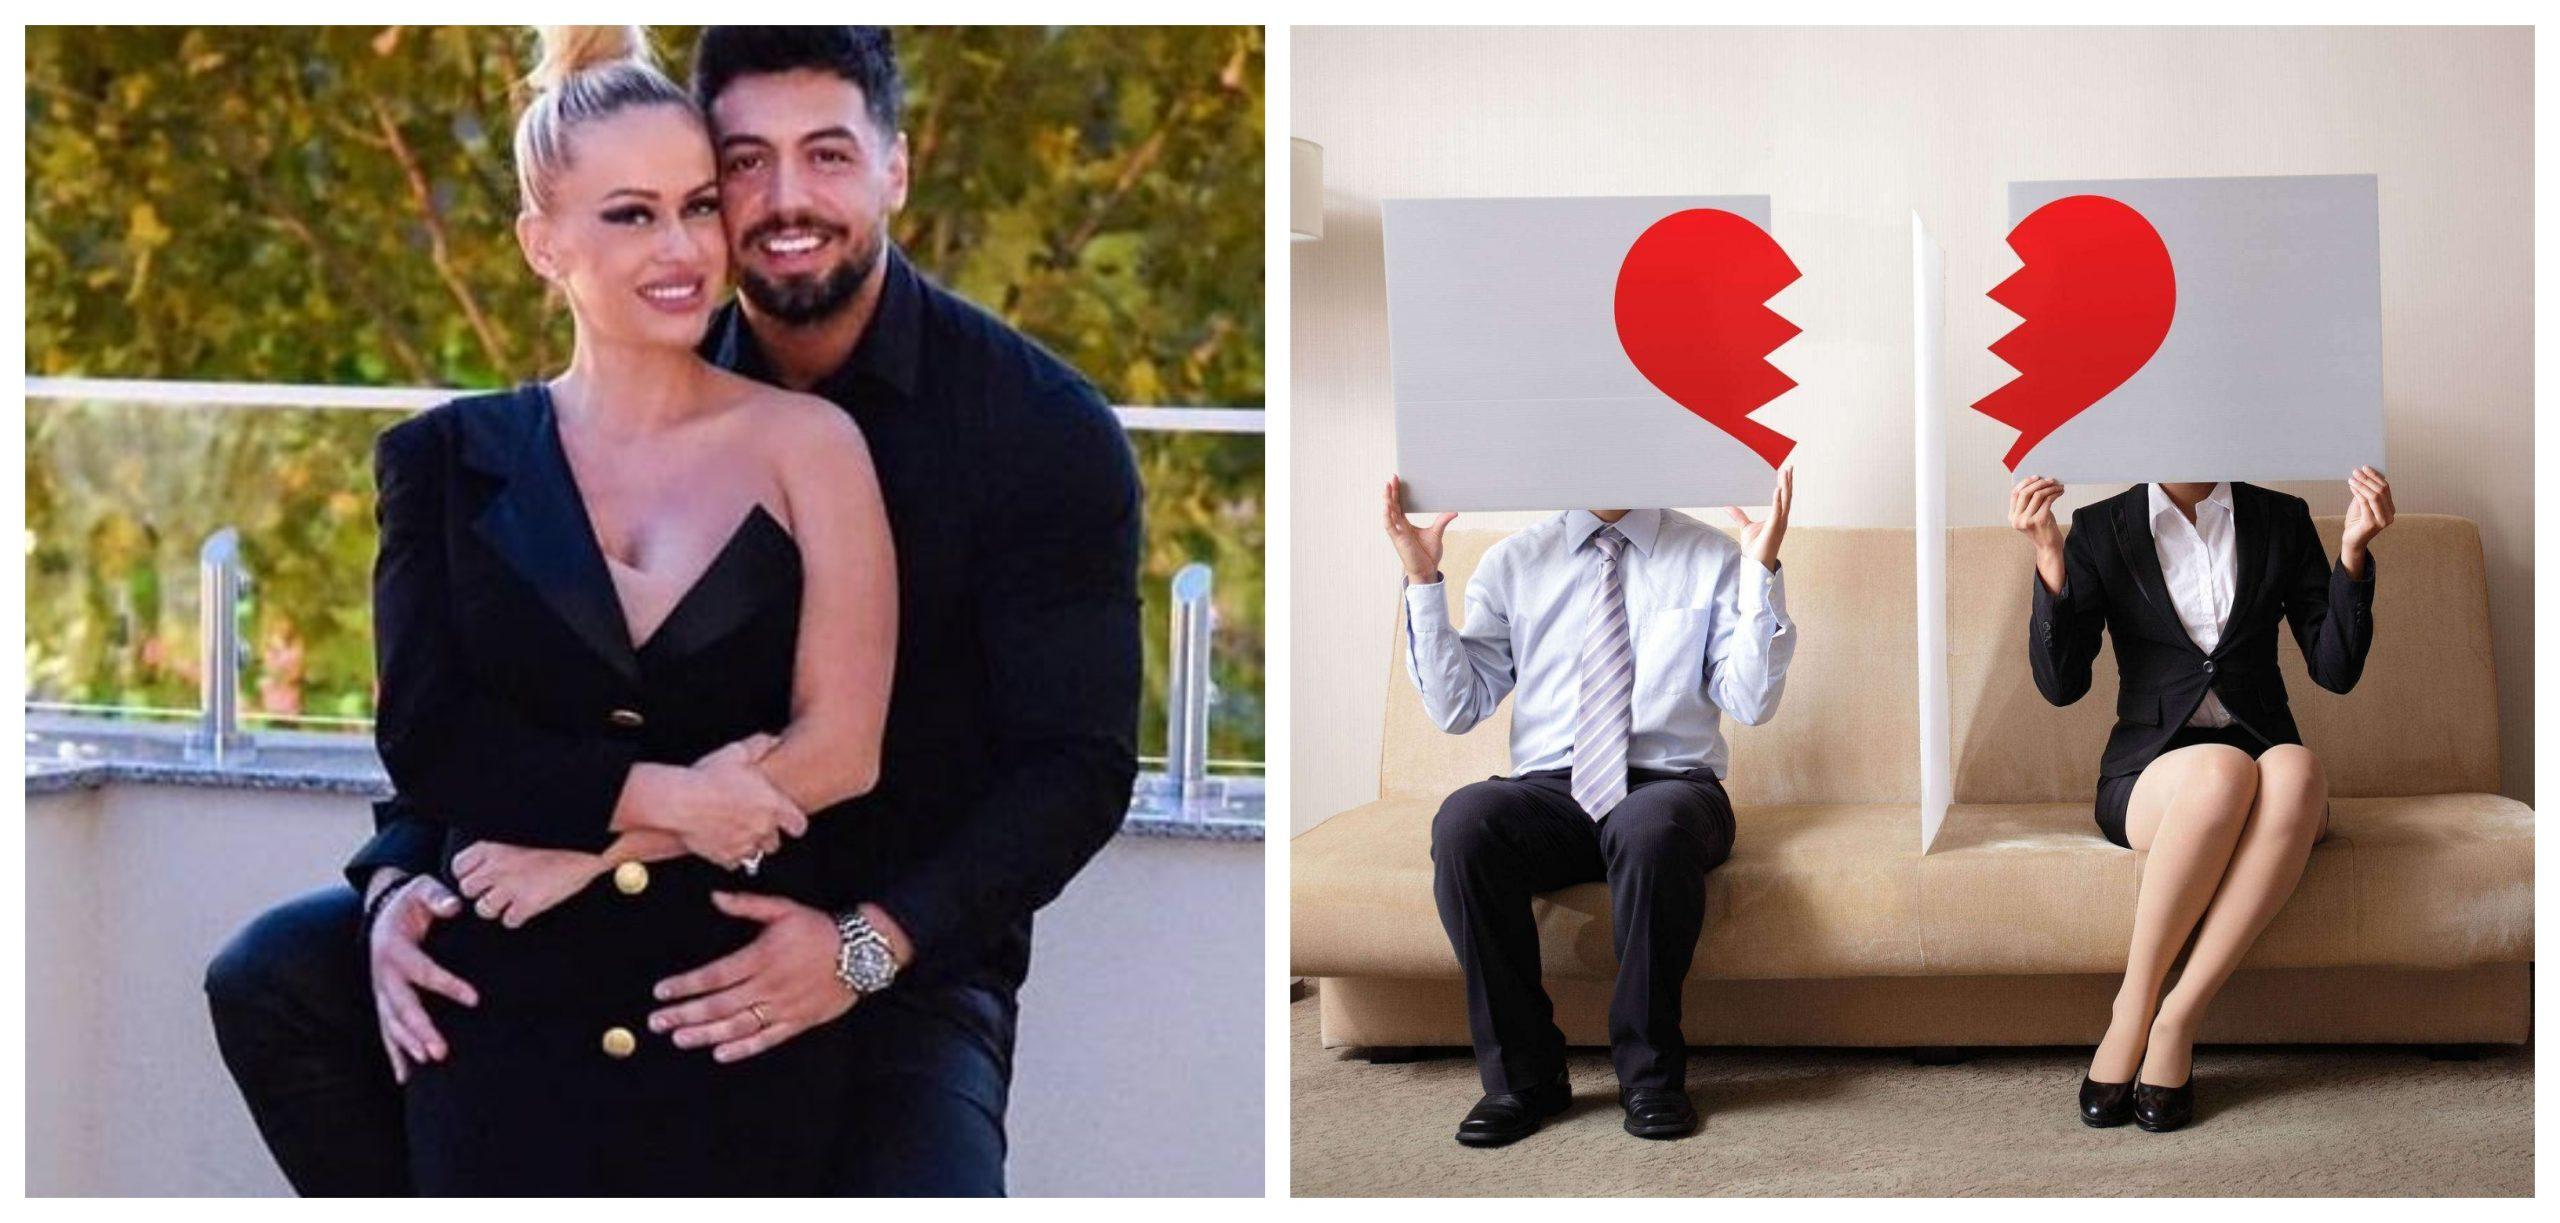 Anda Adam ar fi divorțat. Semnele sunt tot mai clare